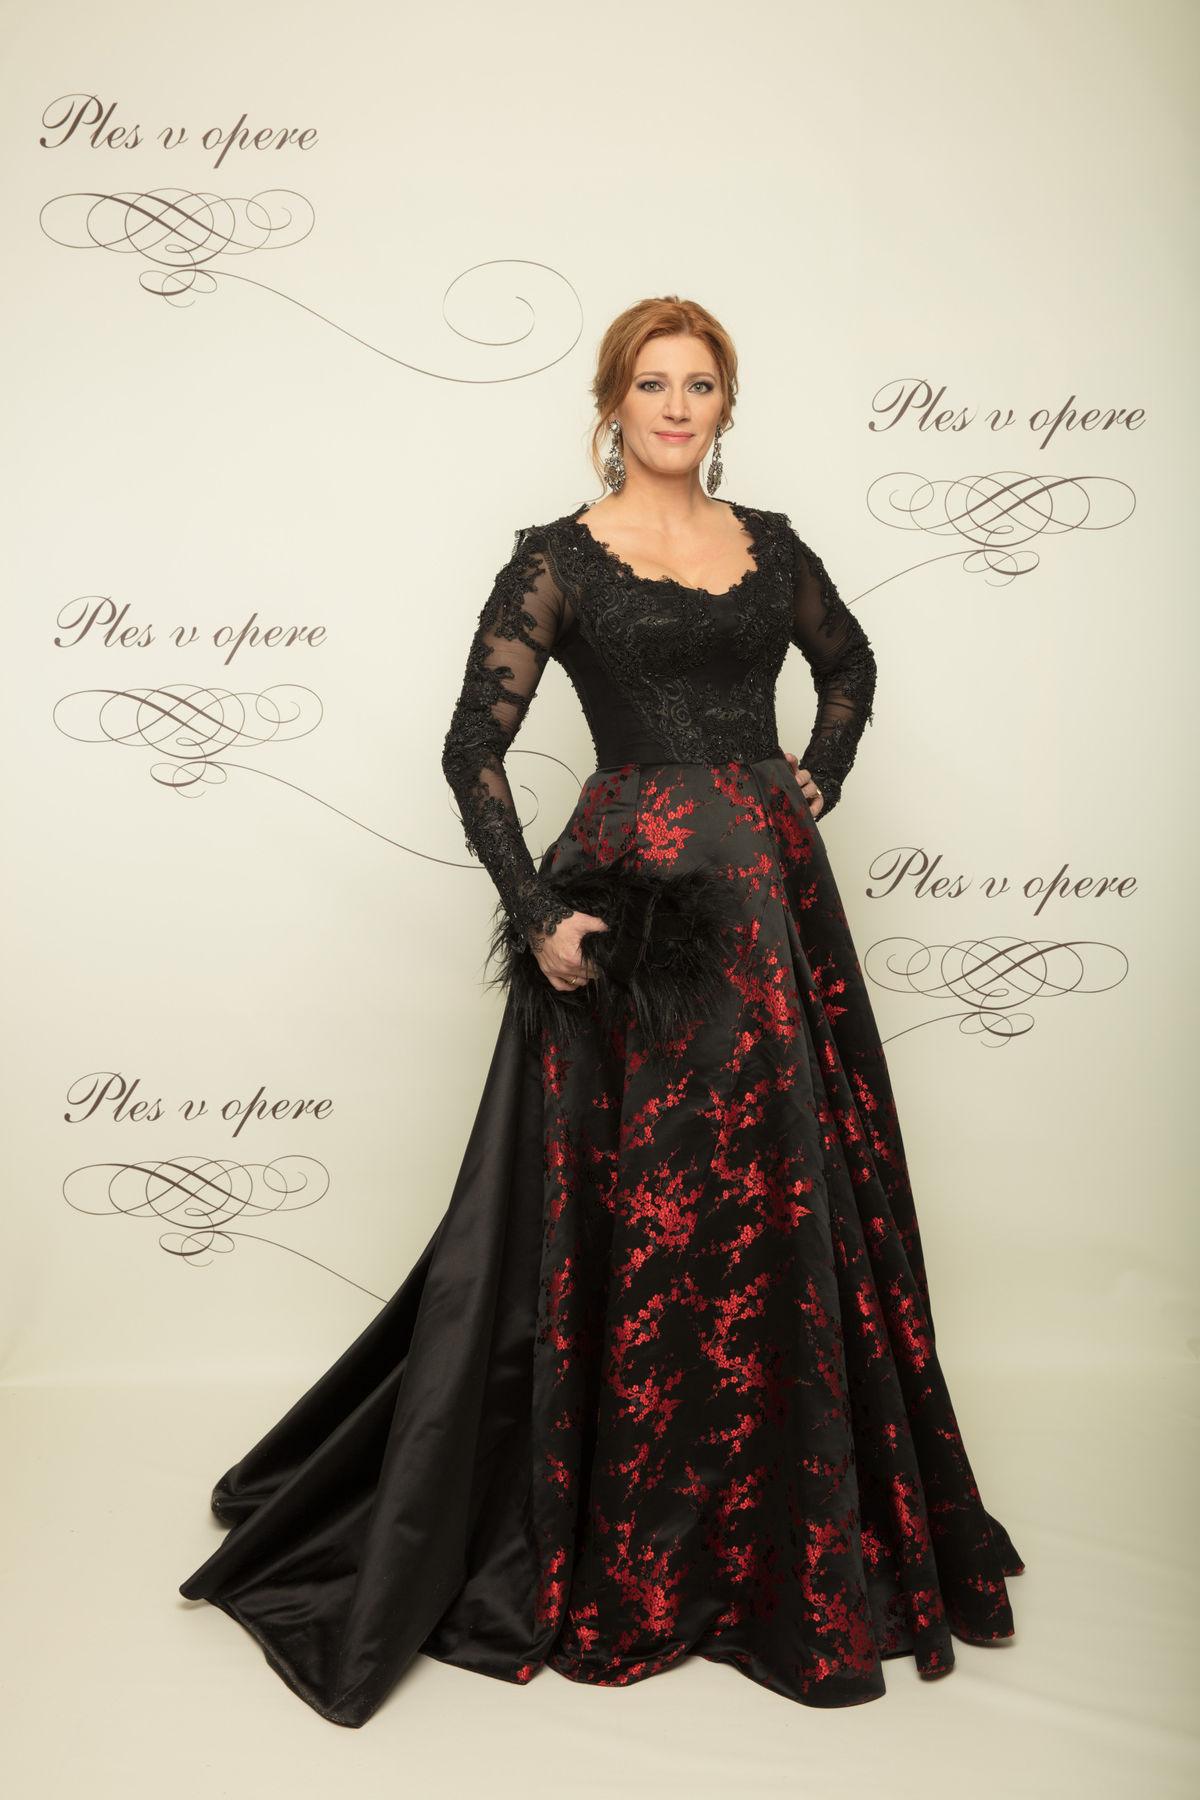 Riaditeľka Plesu v opere Andrea Cocherová v šatách od Borisa Hanečku.